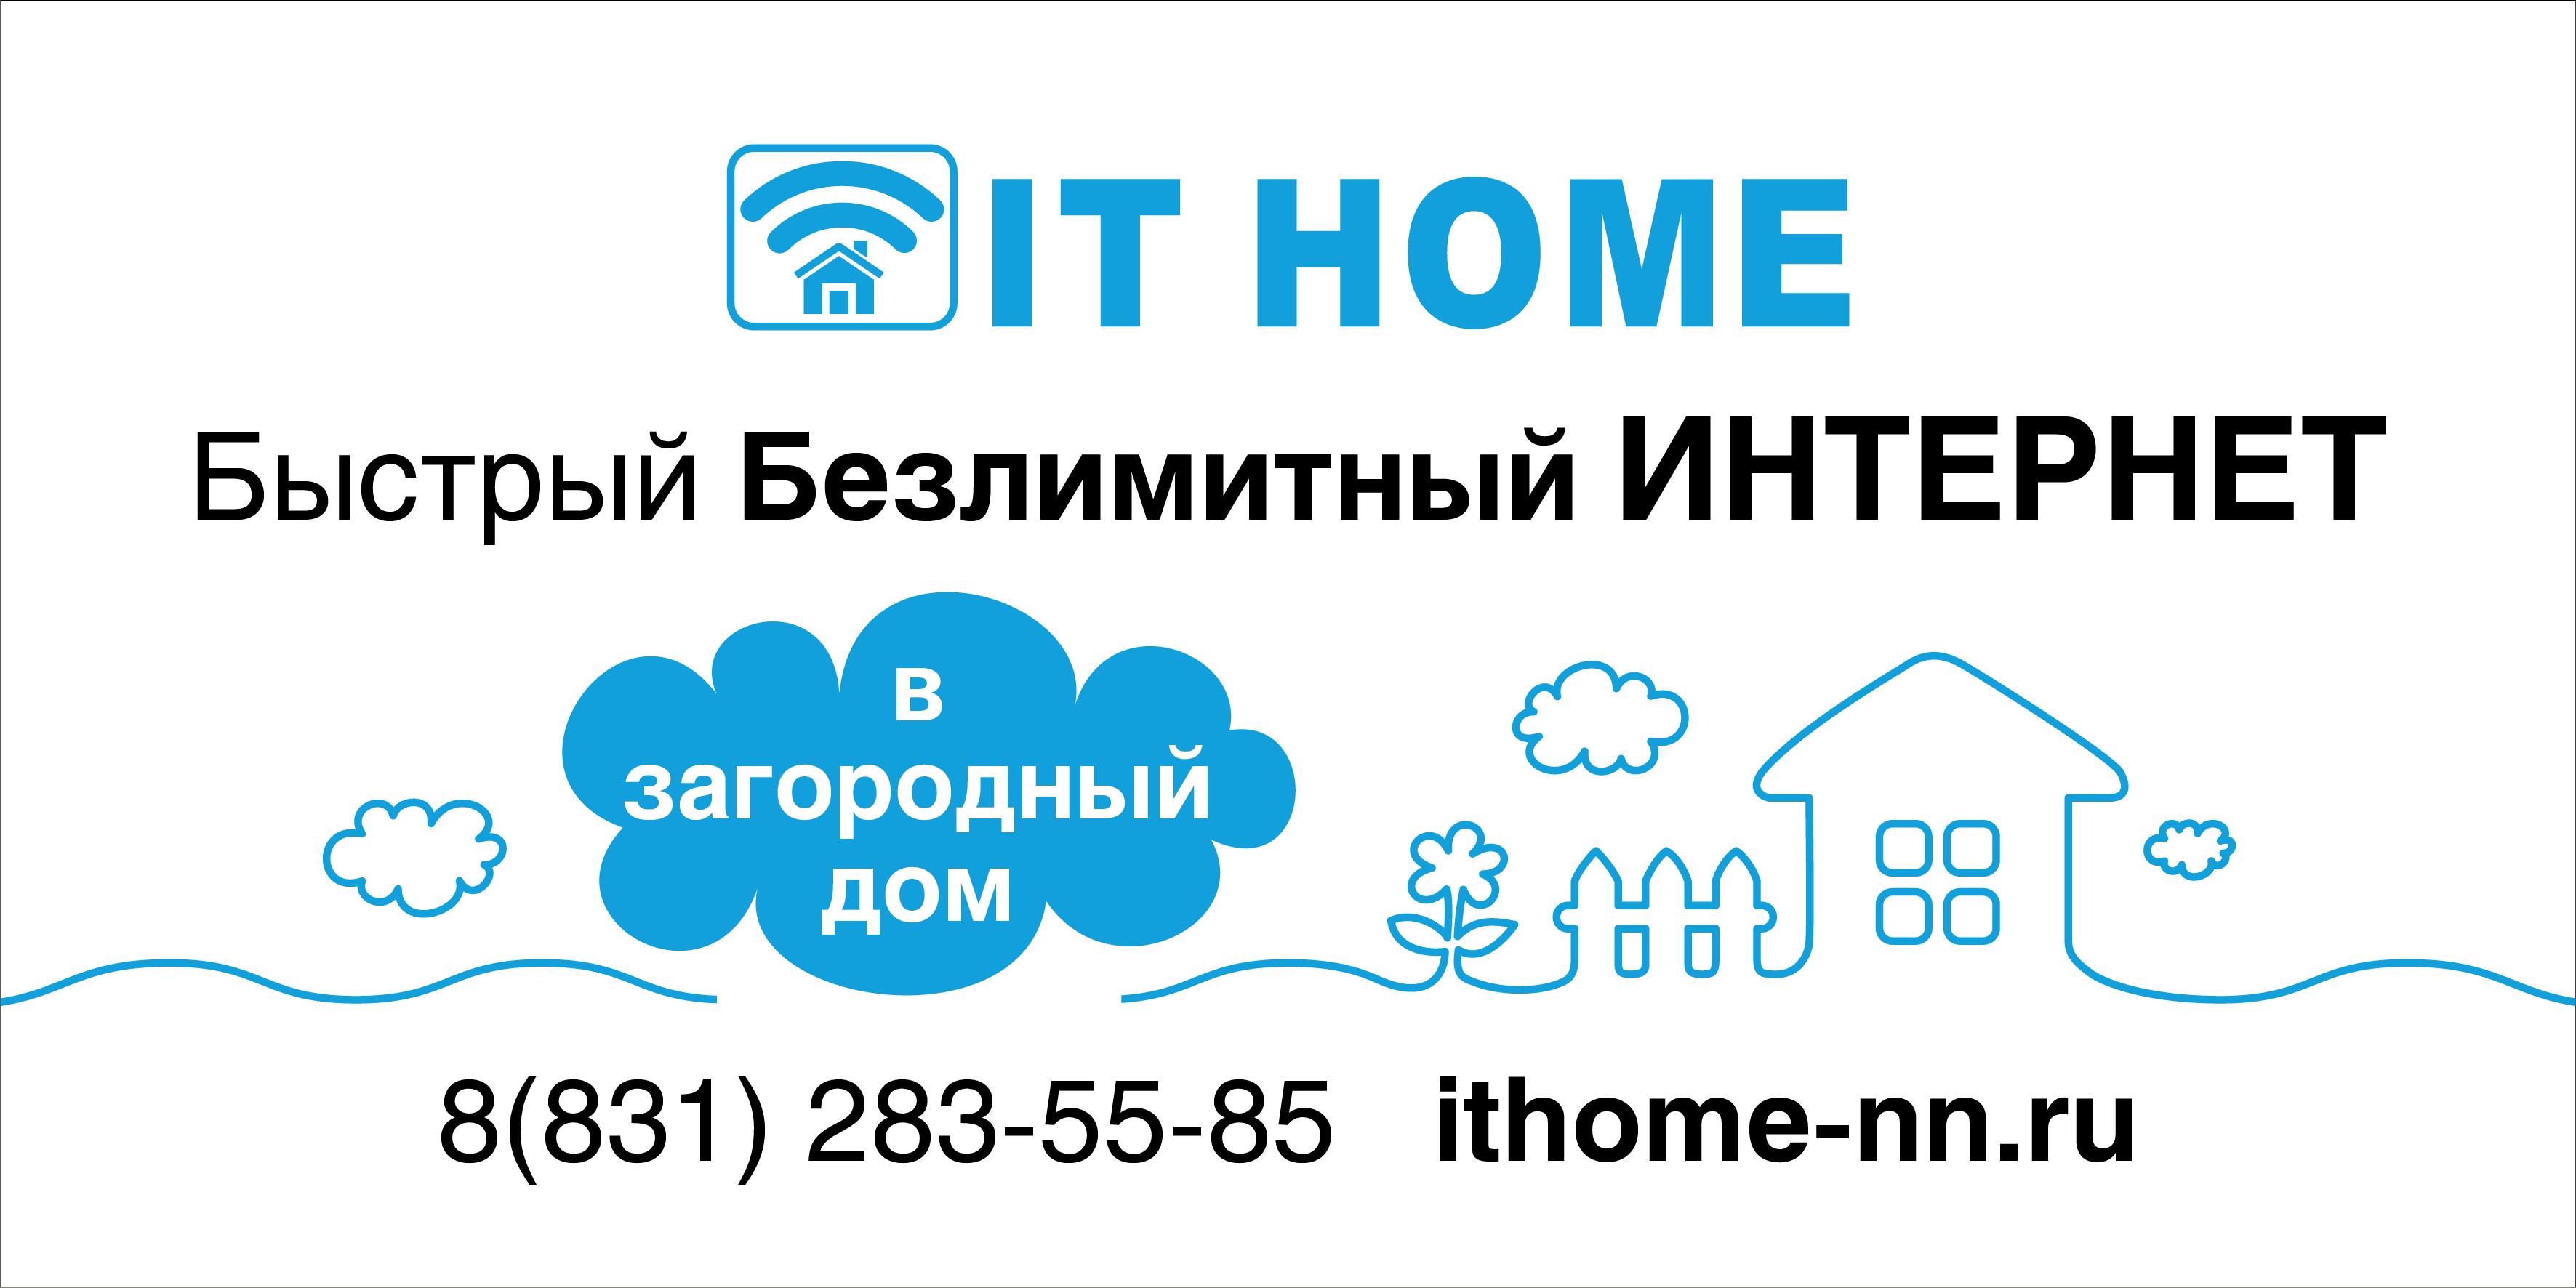 Интернет в загородный дом коттедж дачу